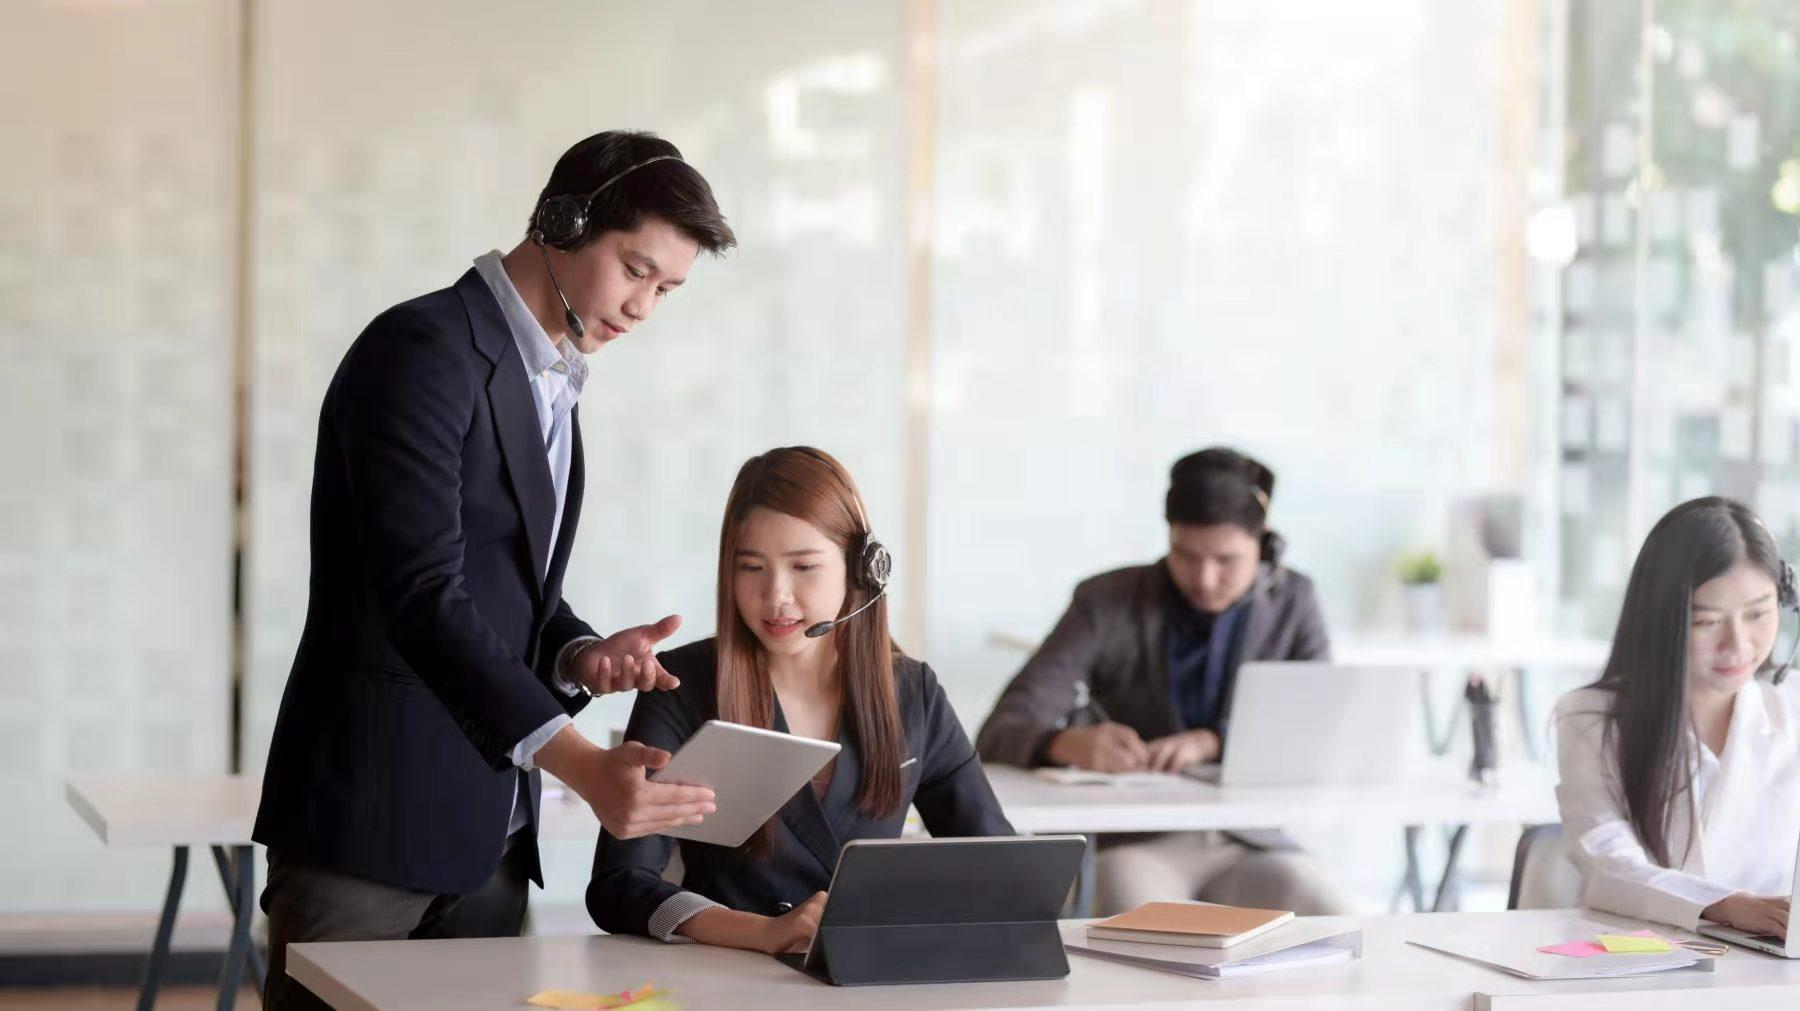 申请住房商业贷款有哪些条件?